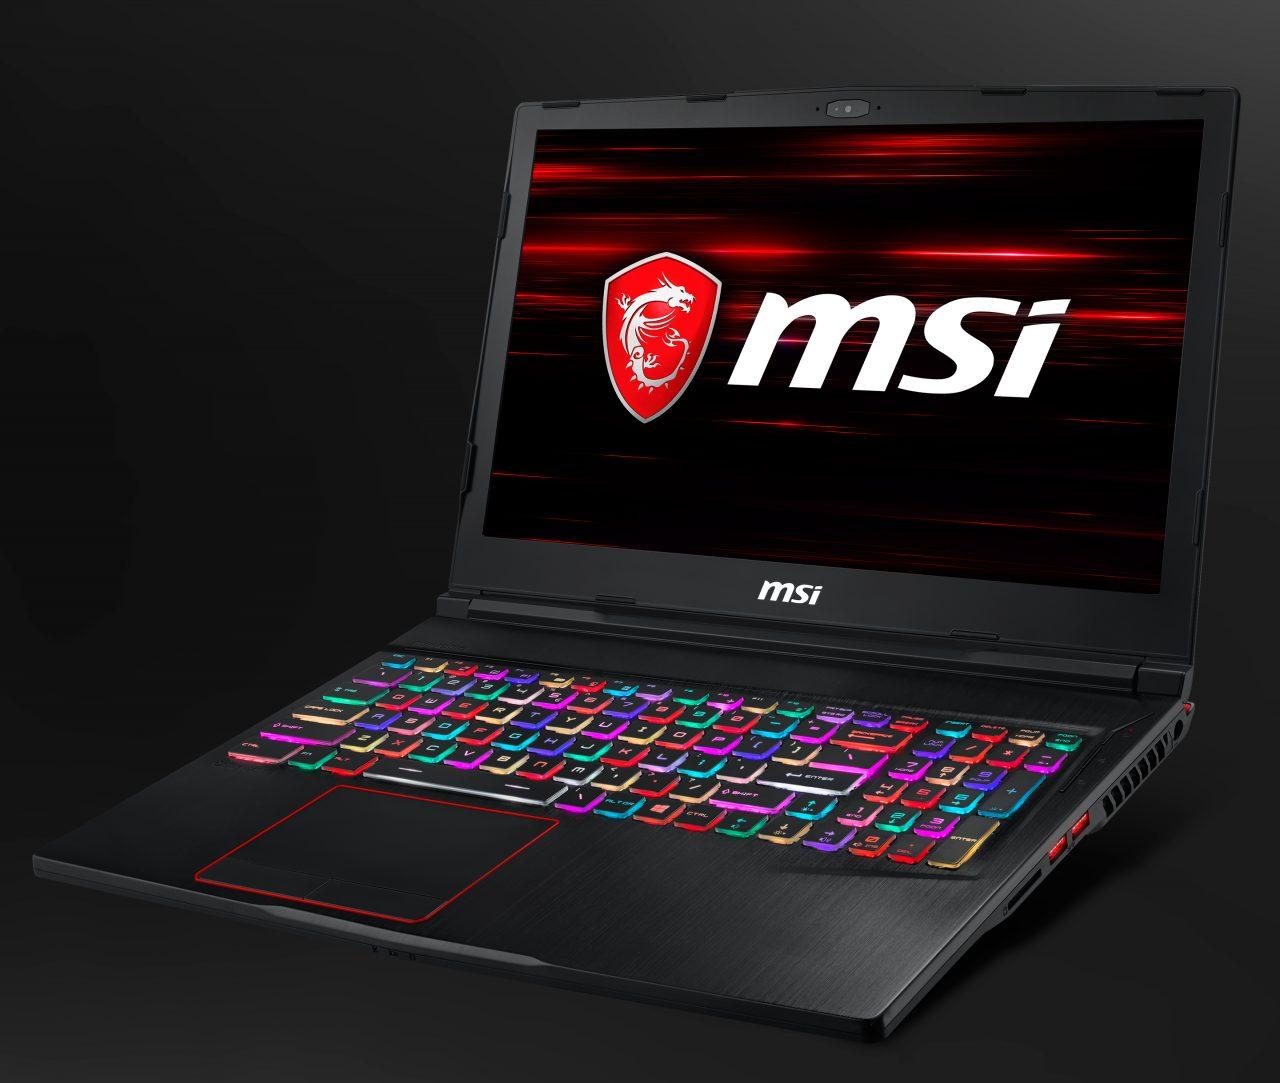 MSI lancia la nuova linea di gaming laptop con processori Intel di 8a generazione (foto)